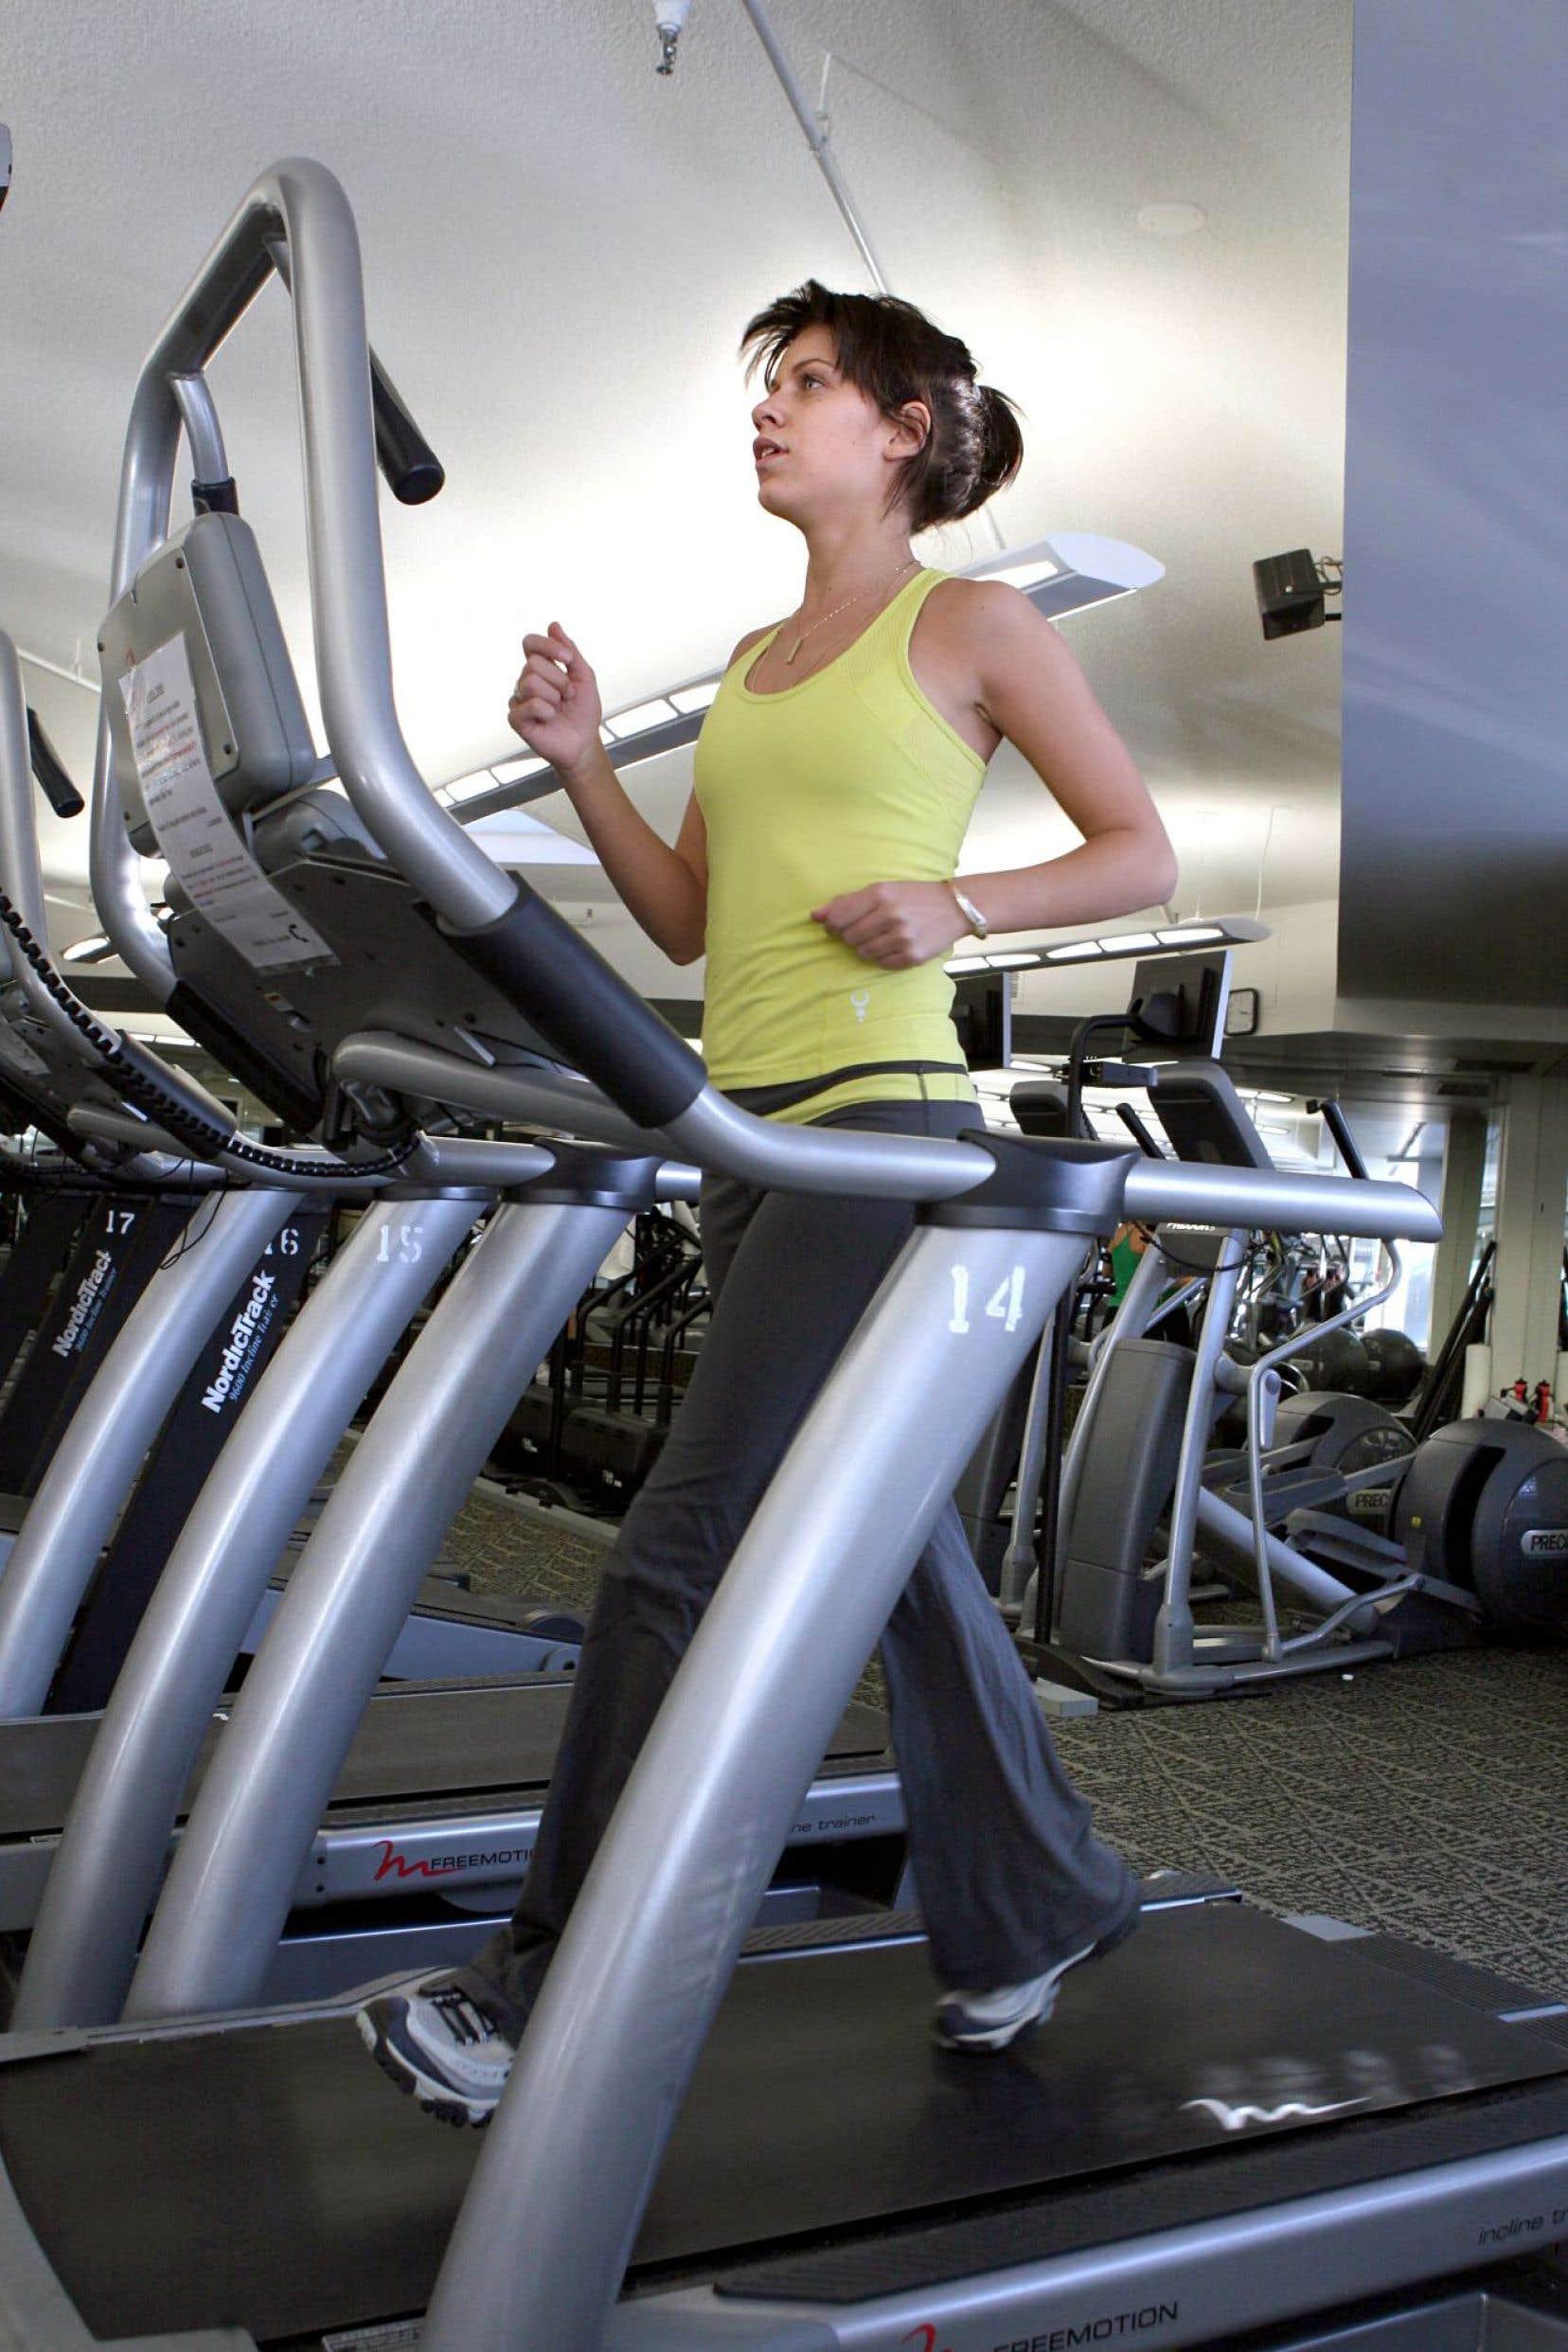 Selon l'auteure, la phobie du gras et des rondeurs est plus que jamais présente dans notre société. Cela laisse notamment place à de nouveaux troubles, tels qu'une obsession pour l'activité physique.